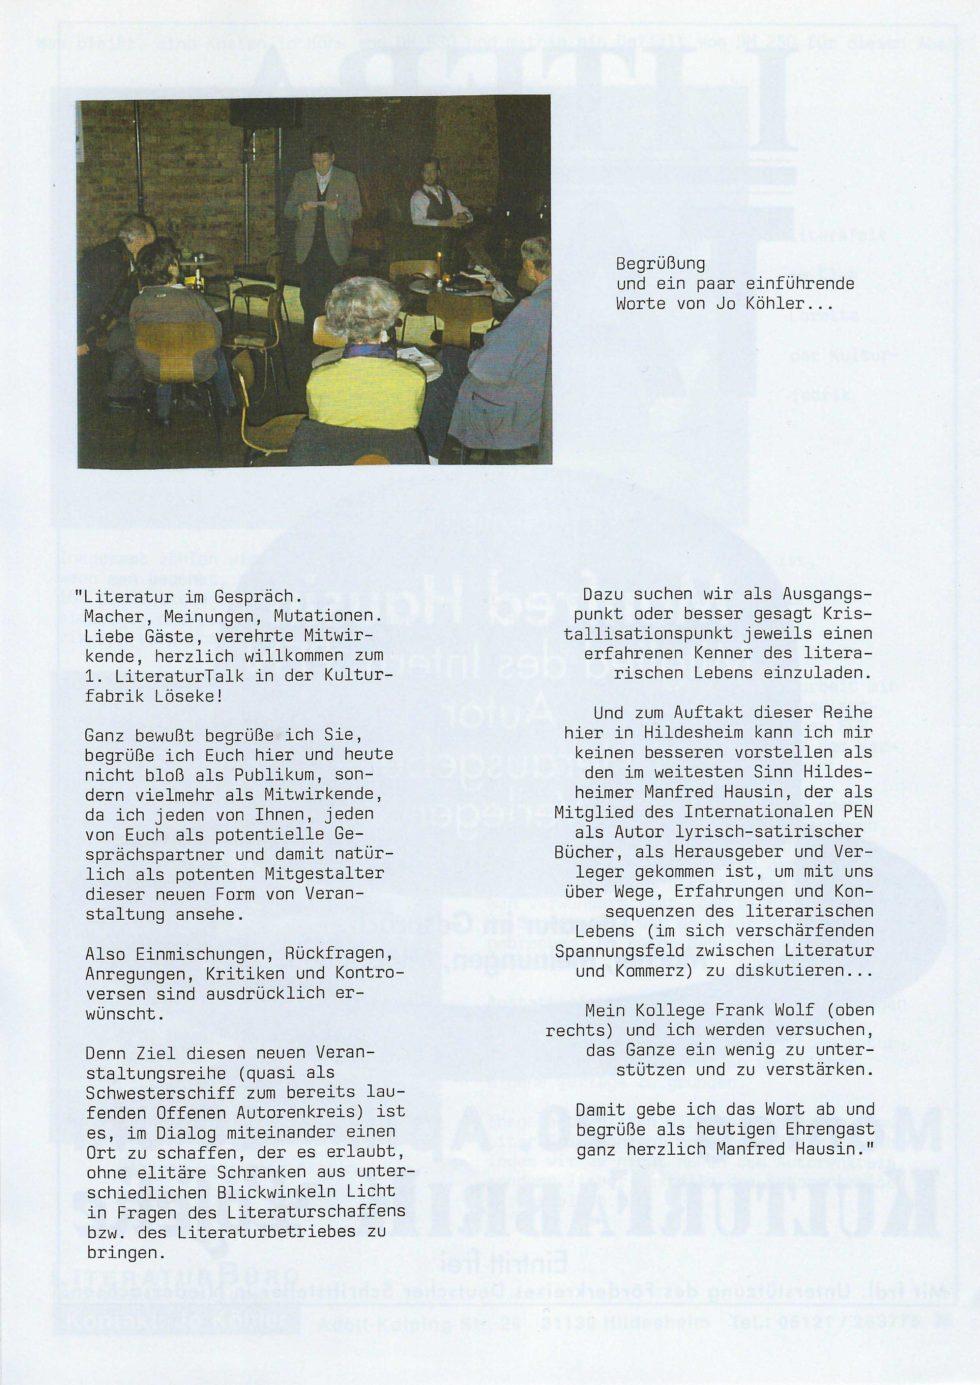 1998 LyrikGarten, LiteraTalk, Politisches_Seite_06